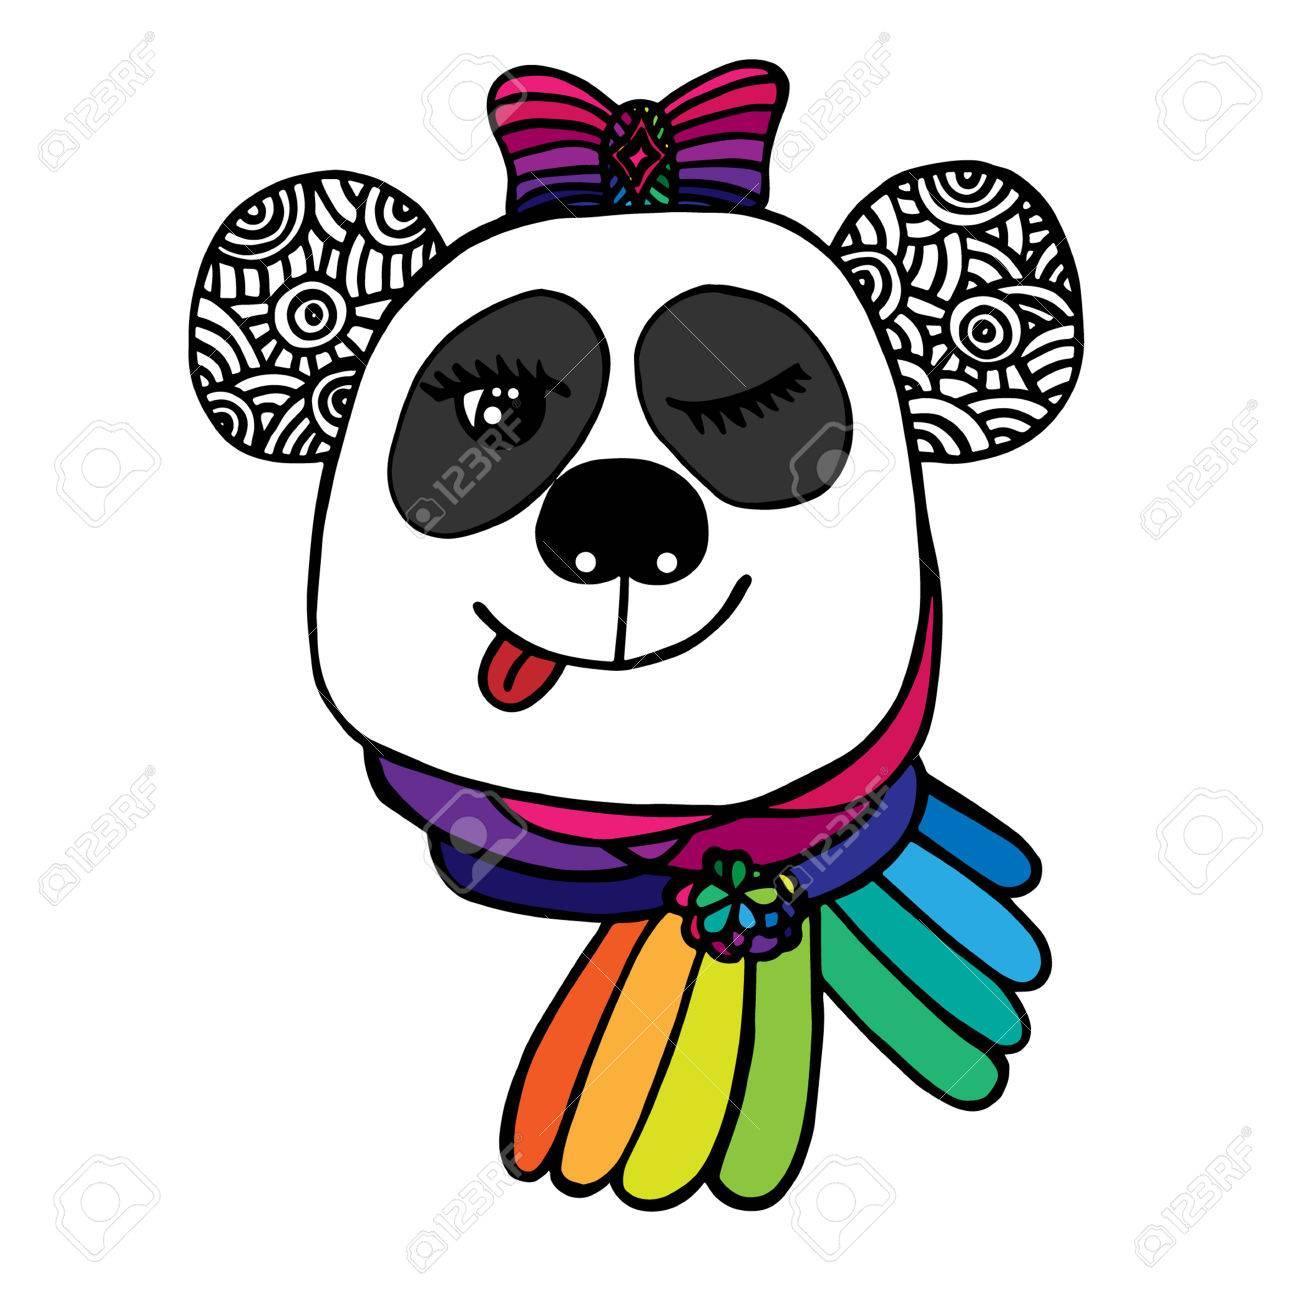 Coloriage Darc En Ciel En Ligne.Multicolor Tete De Sourire Panda Avec La Couleur De L Arc D Arc En Ciel Esquisse Pour Le Tatouage L Affiche Impression Ou T Shirt Relaxant Livre